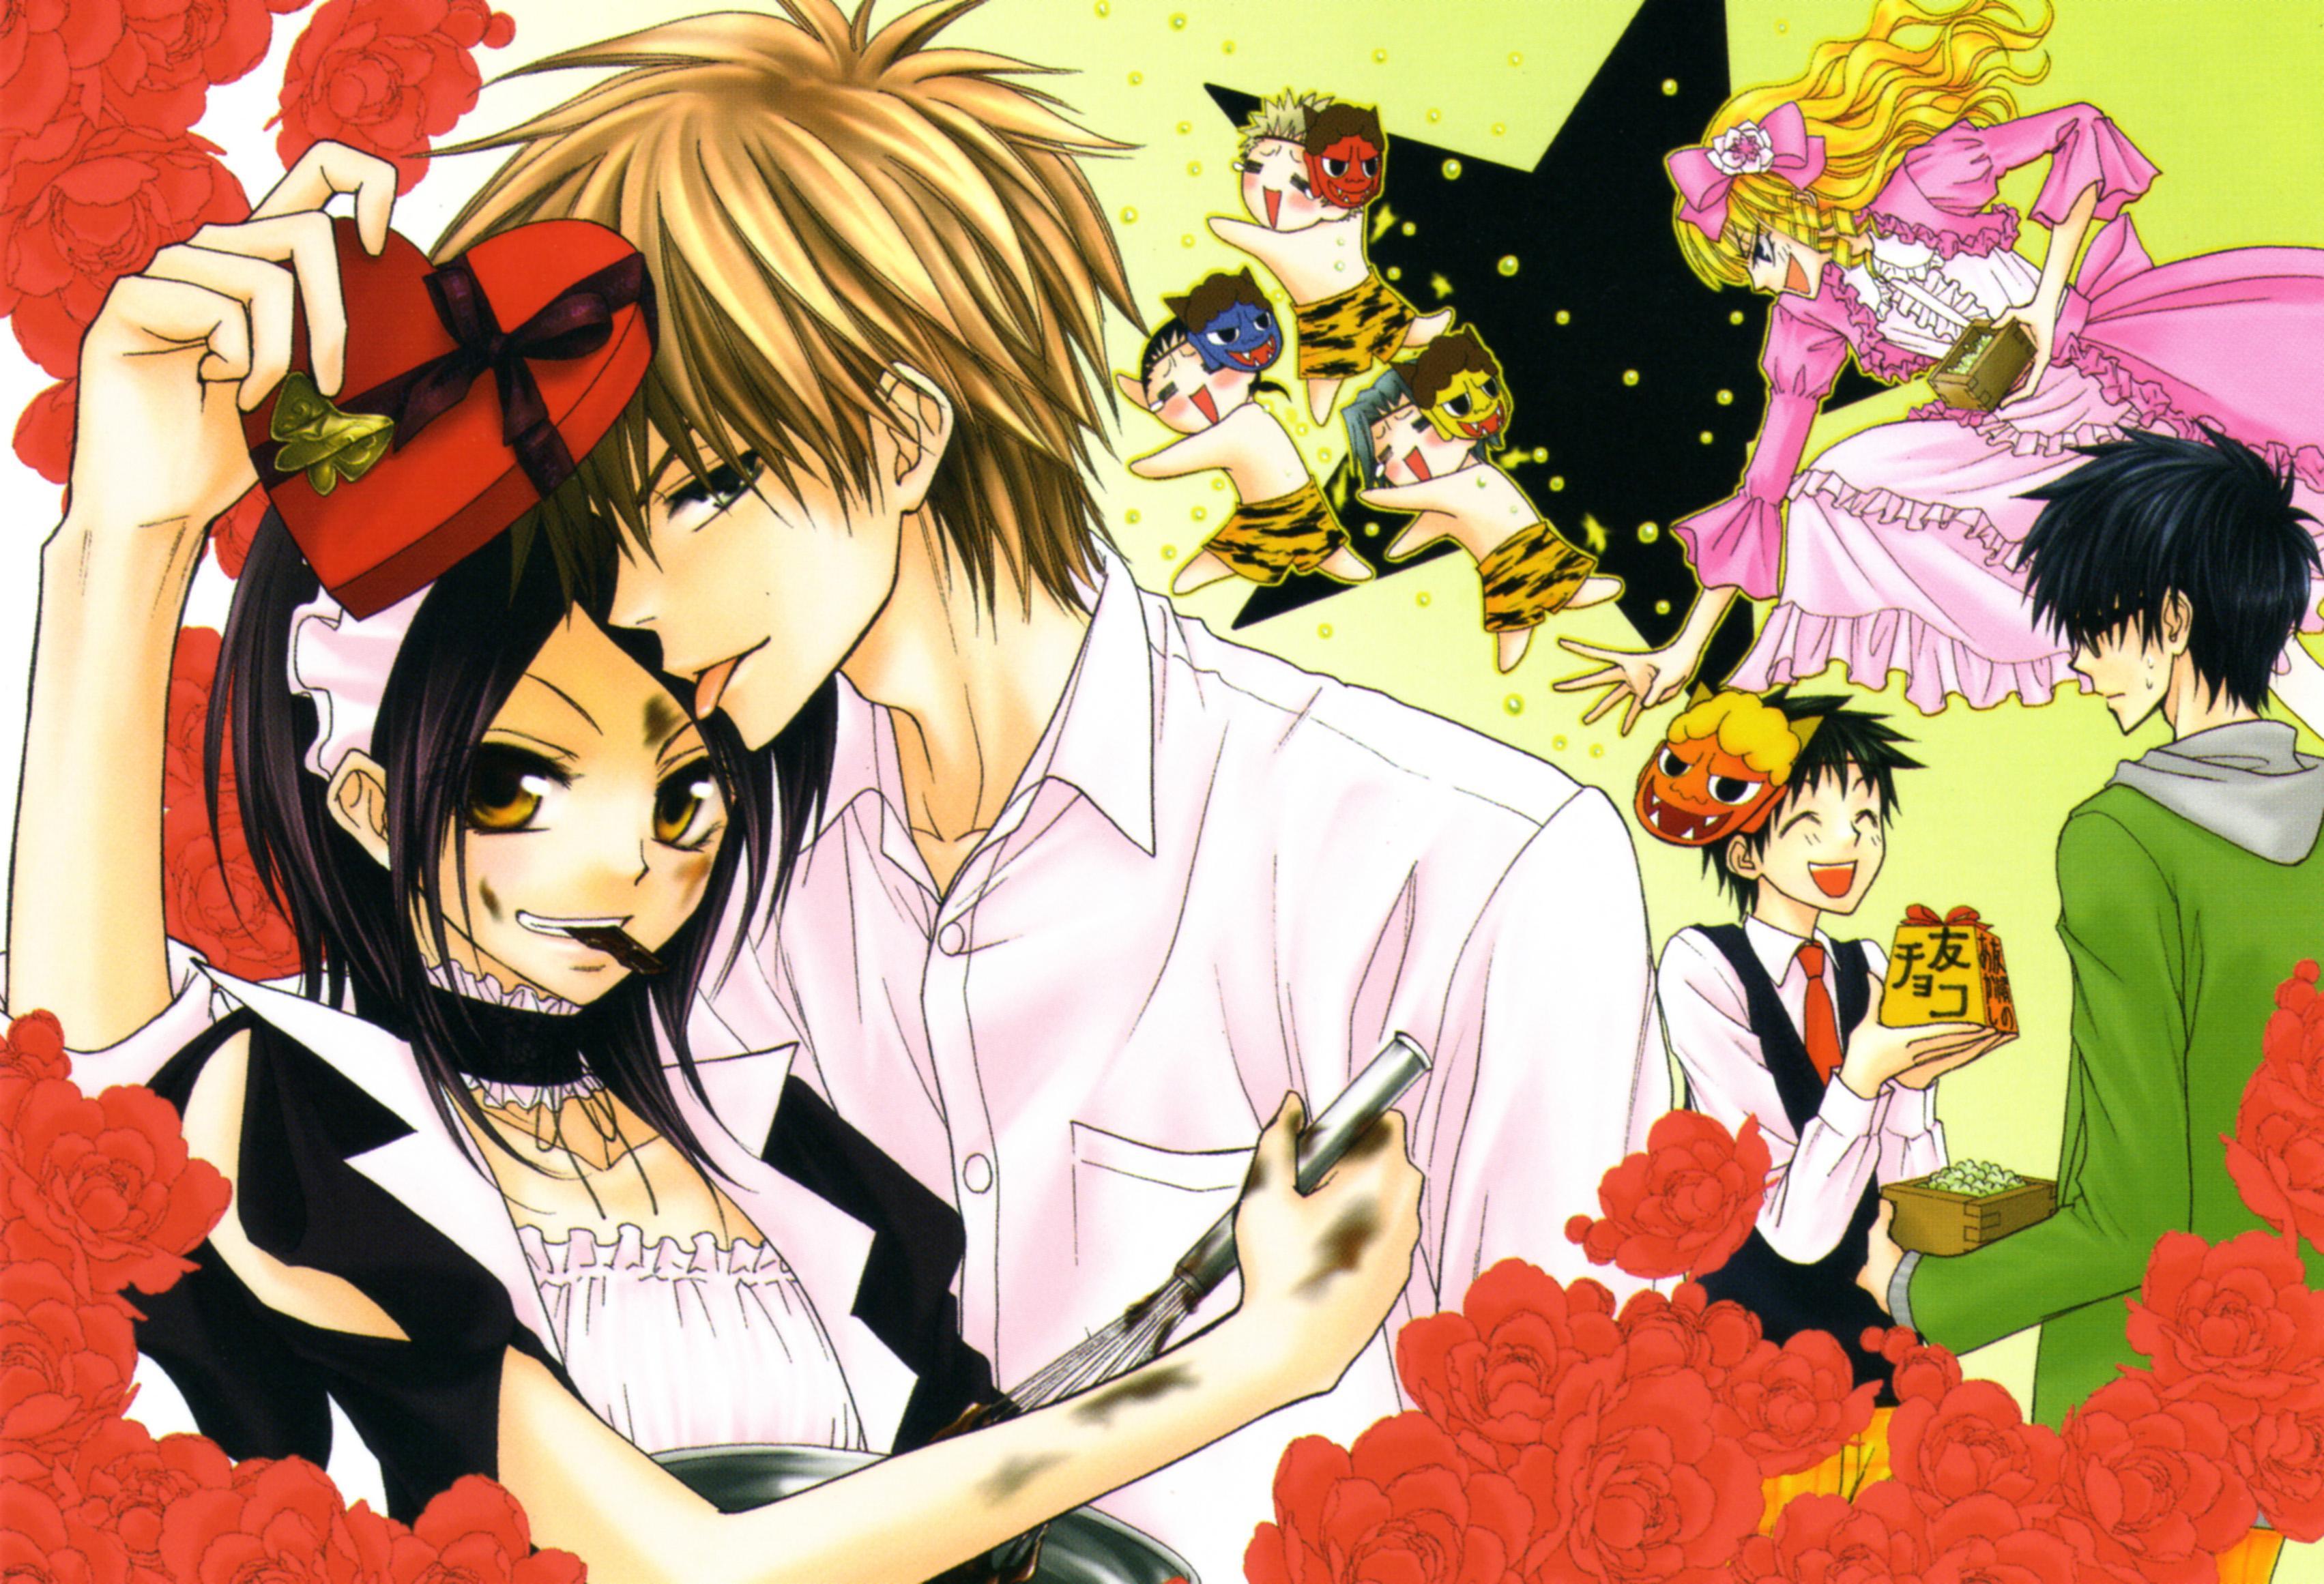 Gercekten En Bilinen Romantik Anime Hem Eglenceli De Guzel Cizimleri Herseyi Muazzam Ama Mangakaya Verilen Odenek Yetersizligi Yuzunden Animenin 2